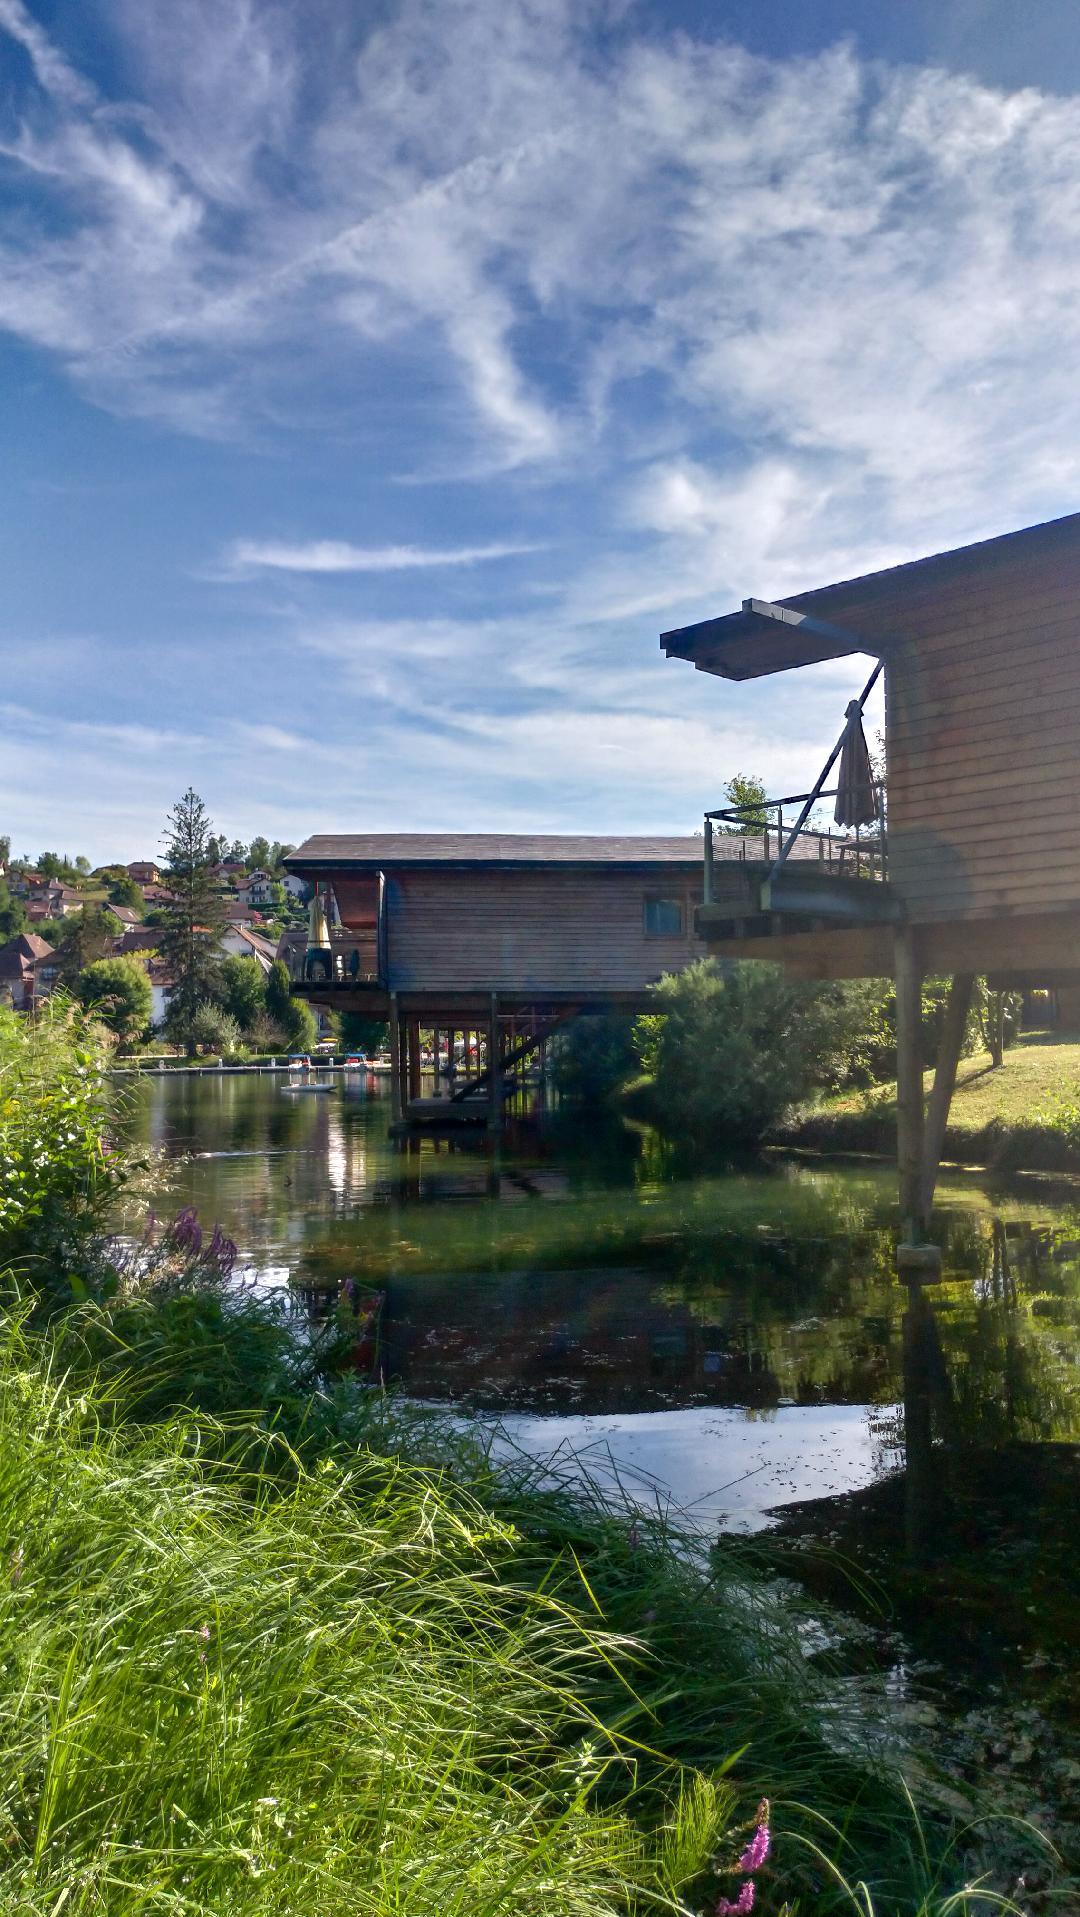 Maisons sur pilotis, village de Canaz près du lac du Bourget